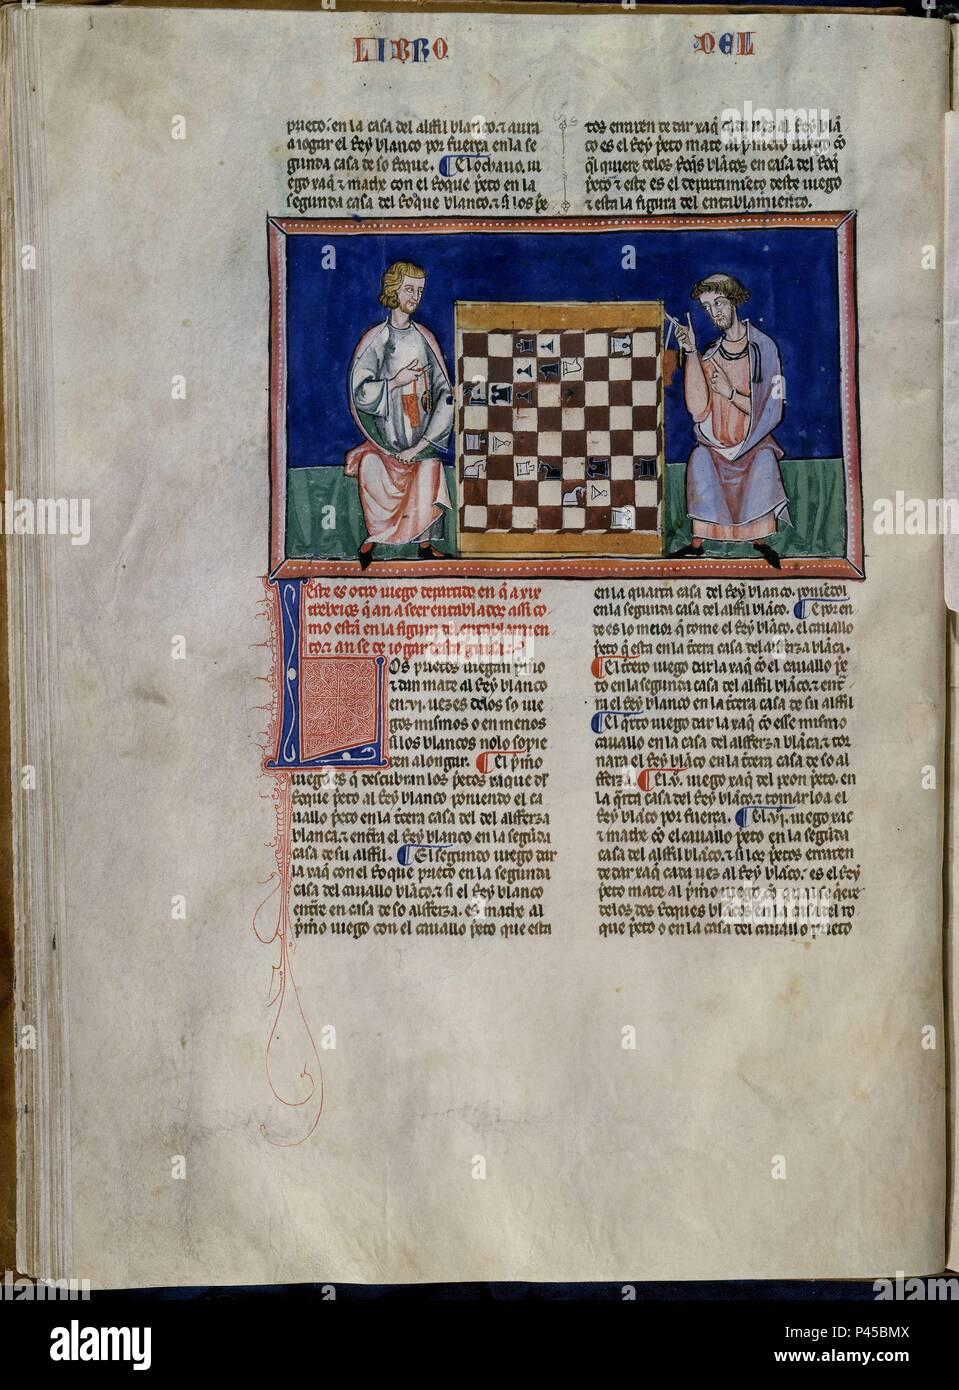 LIBRO DE JUEGOS O LIBRO DEL AJEDREZ DADOS Y TABLAS - 1283 - FOLIO 27V - DOS HOMBRES JUGANDO AL AJEDREZ - MANUSCRITO GOTICO. Author: Alfonso X of Castile the Wise (1221-1284). Location: MONASTERIO-BIBLIOTECA-COLECCION, SAN LORENZO DEL ESCORIAL, MADRID, SPAIN. - Stock Image